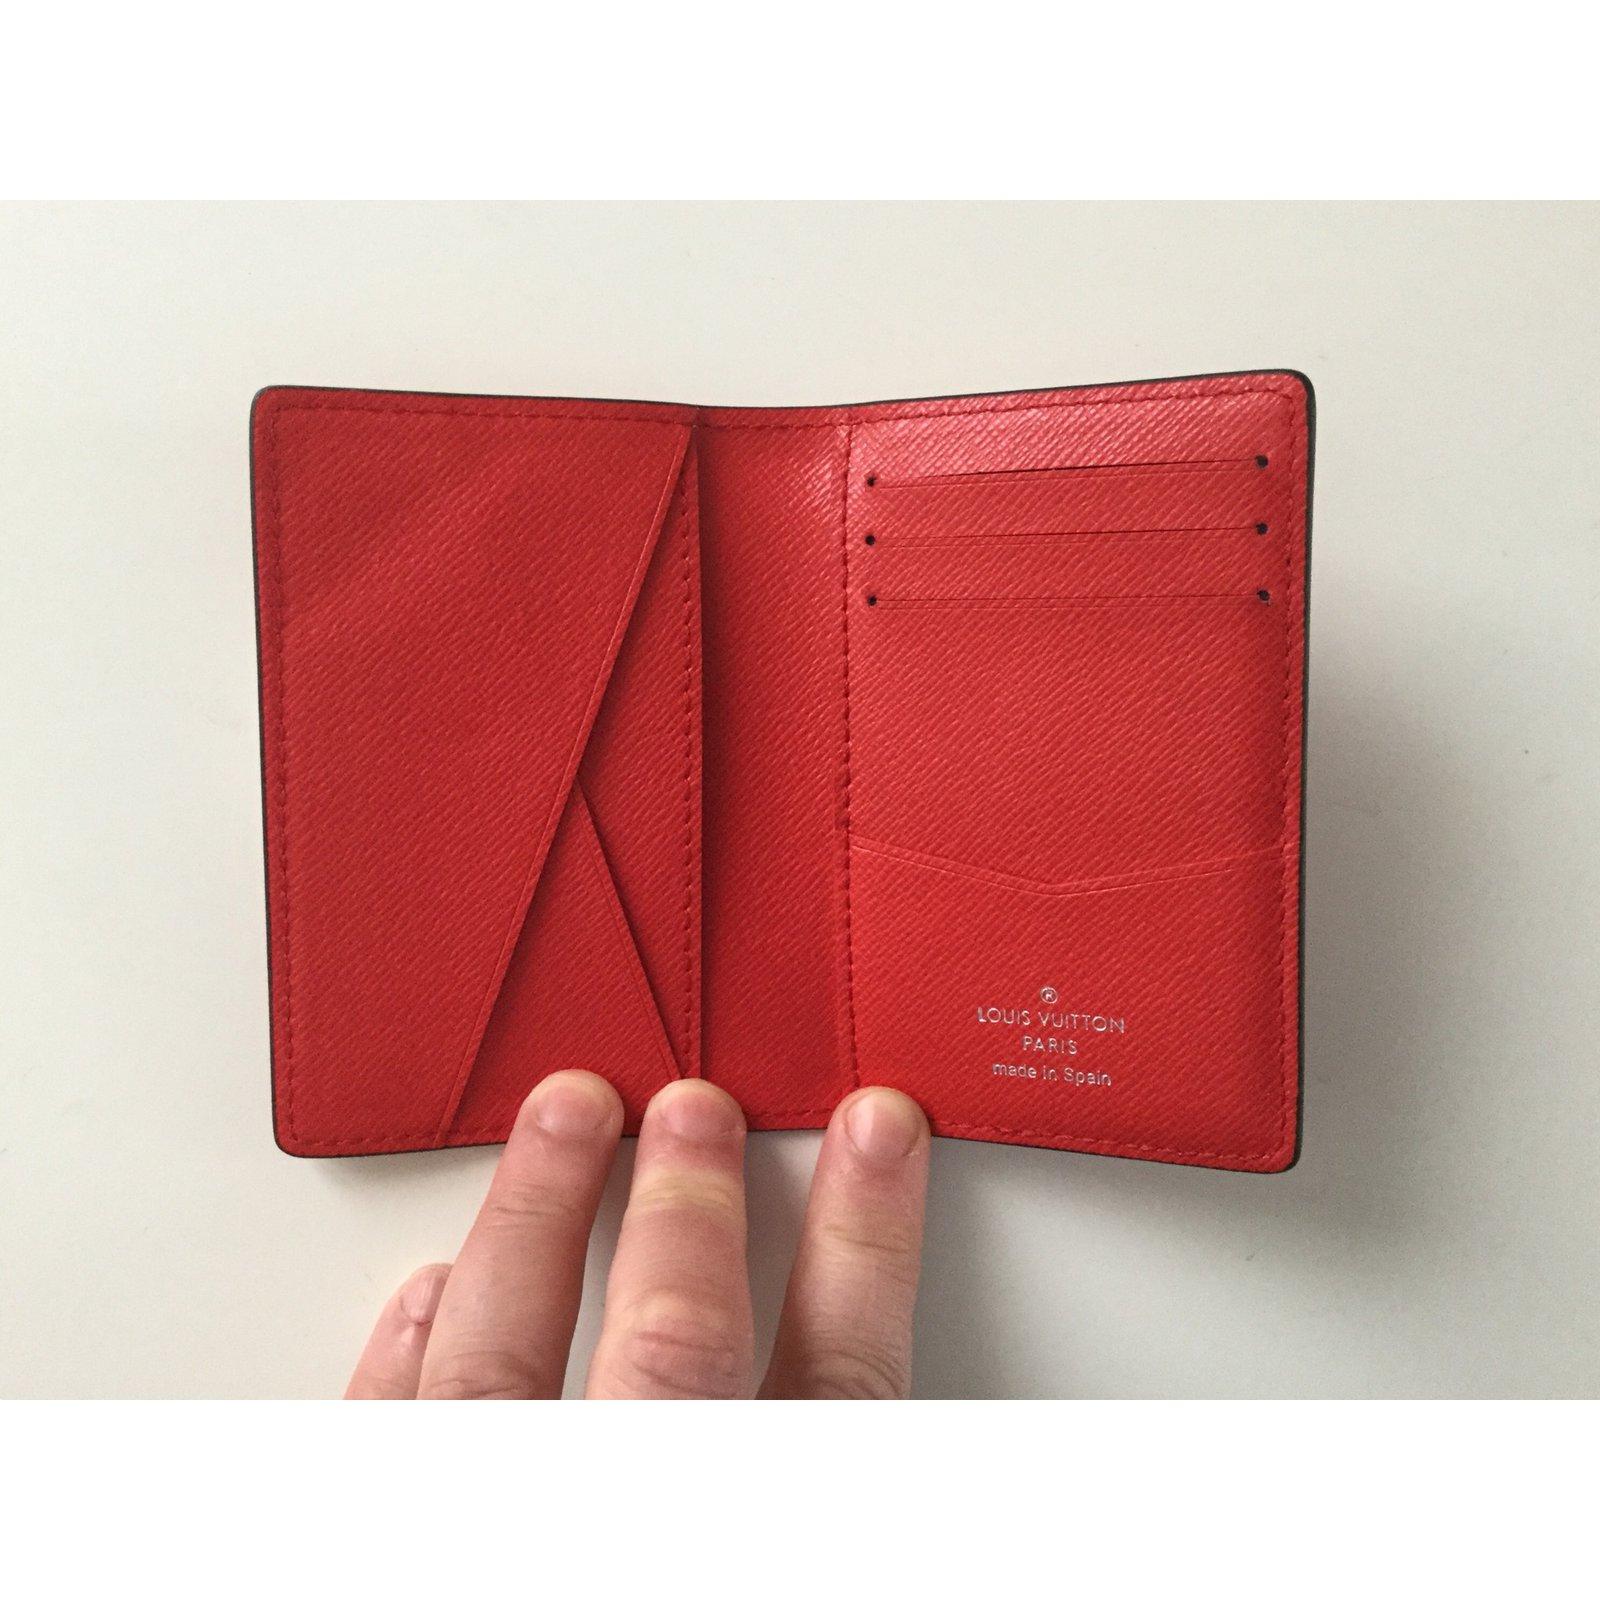 403324c856666 Portefeuille Louis Vuitton Supreme Rouge